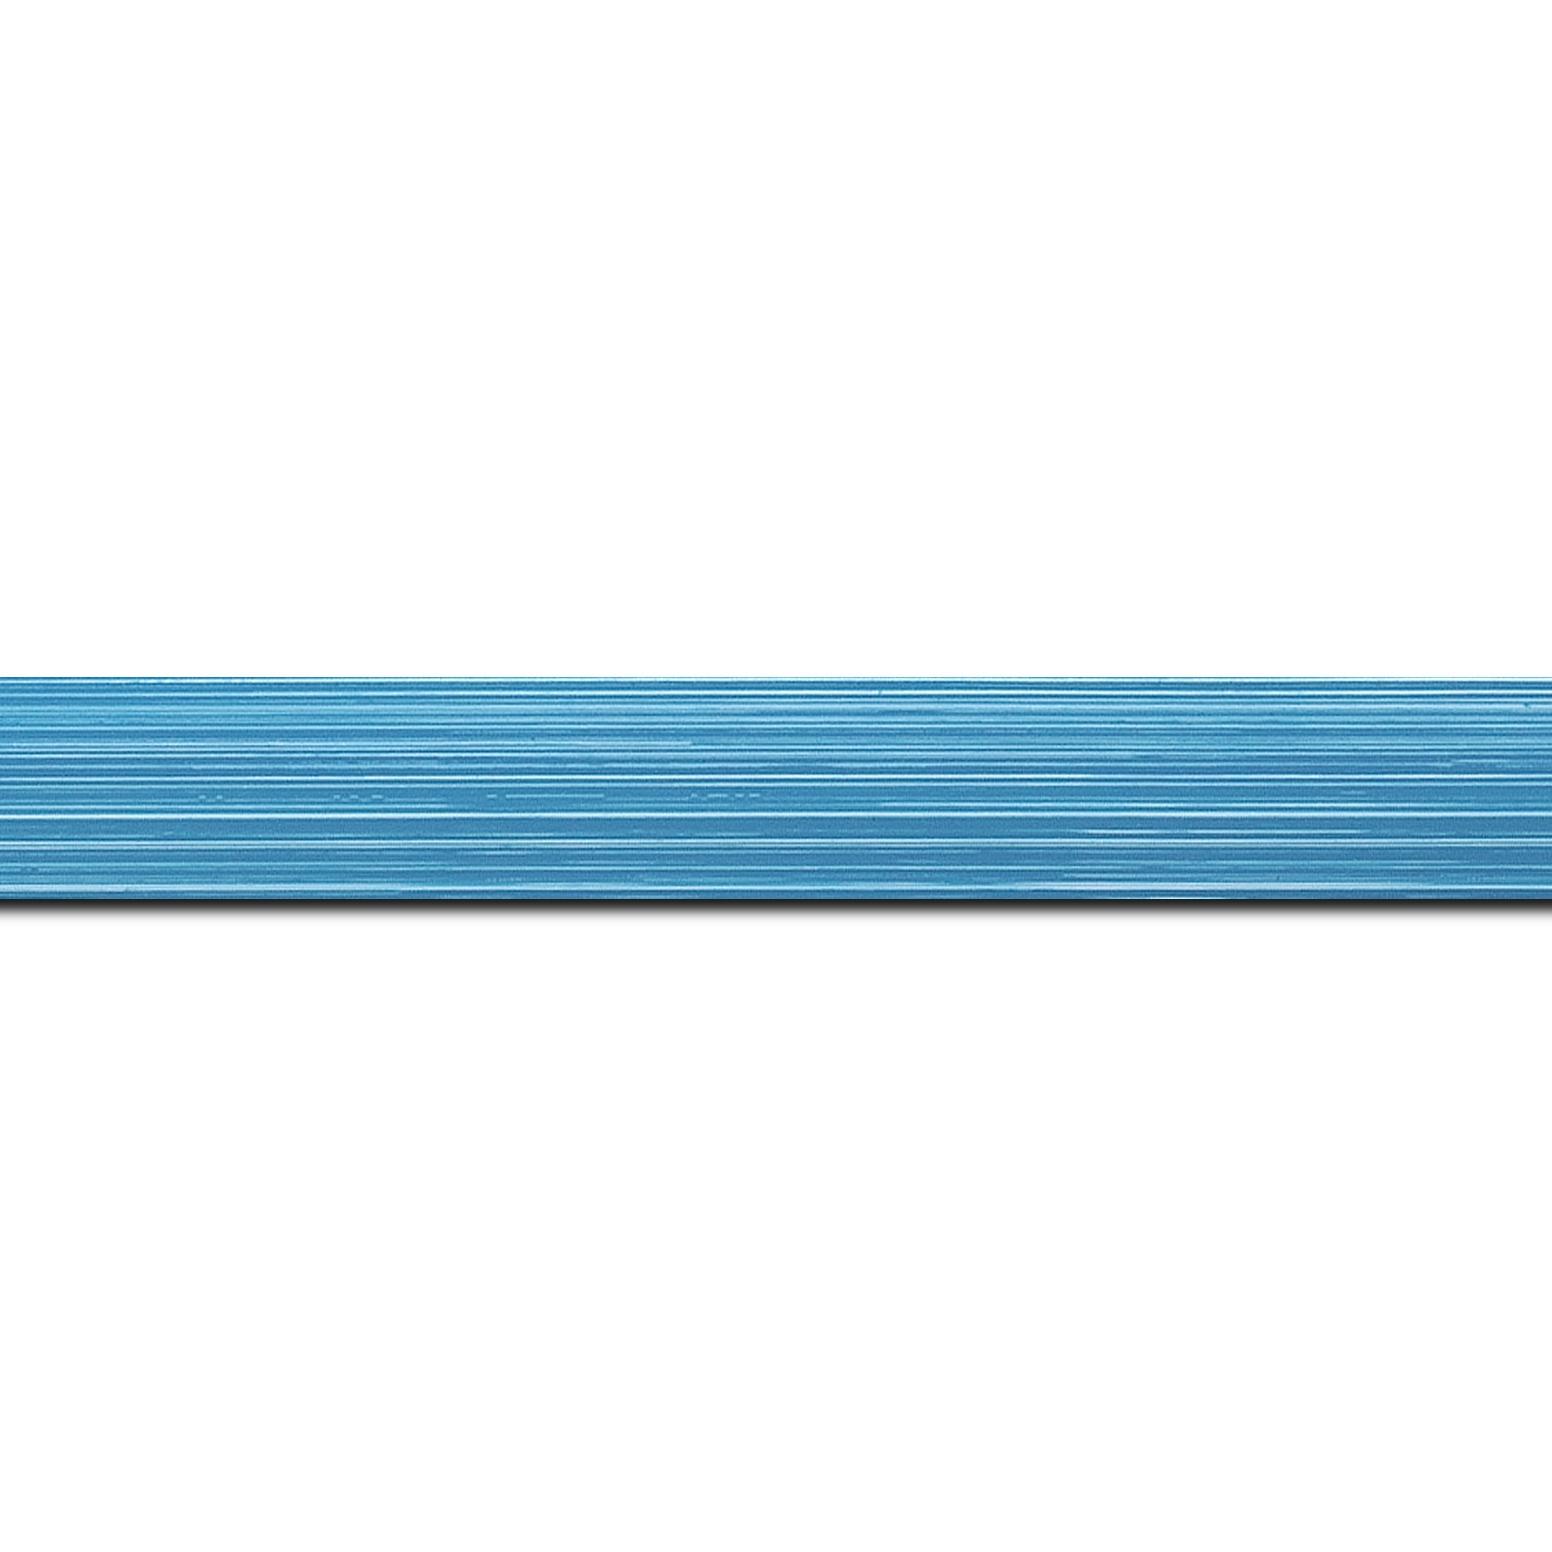 Pack par 12m, bois profil concave largeur 2.4cm couleur bleu clair effet matière fond blanc   (longueur baguette pouvant varier entre 2.40m et 3m selon arrivage des bois)